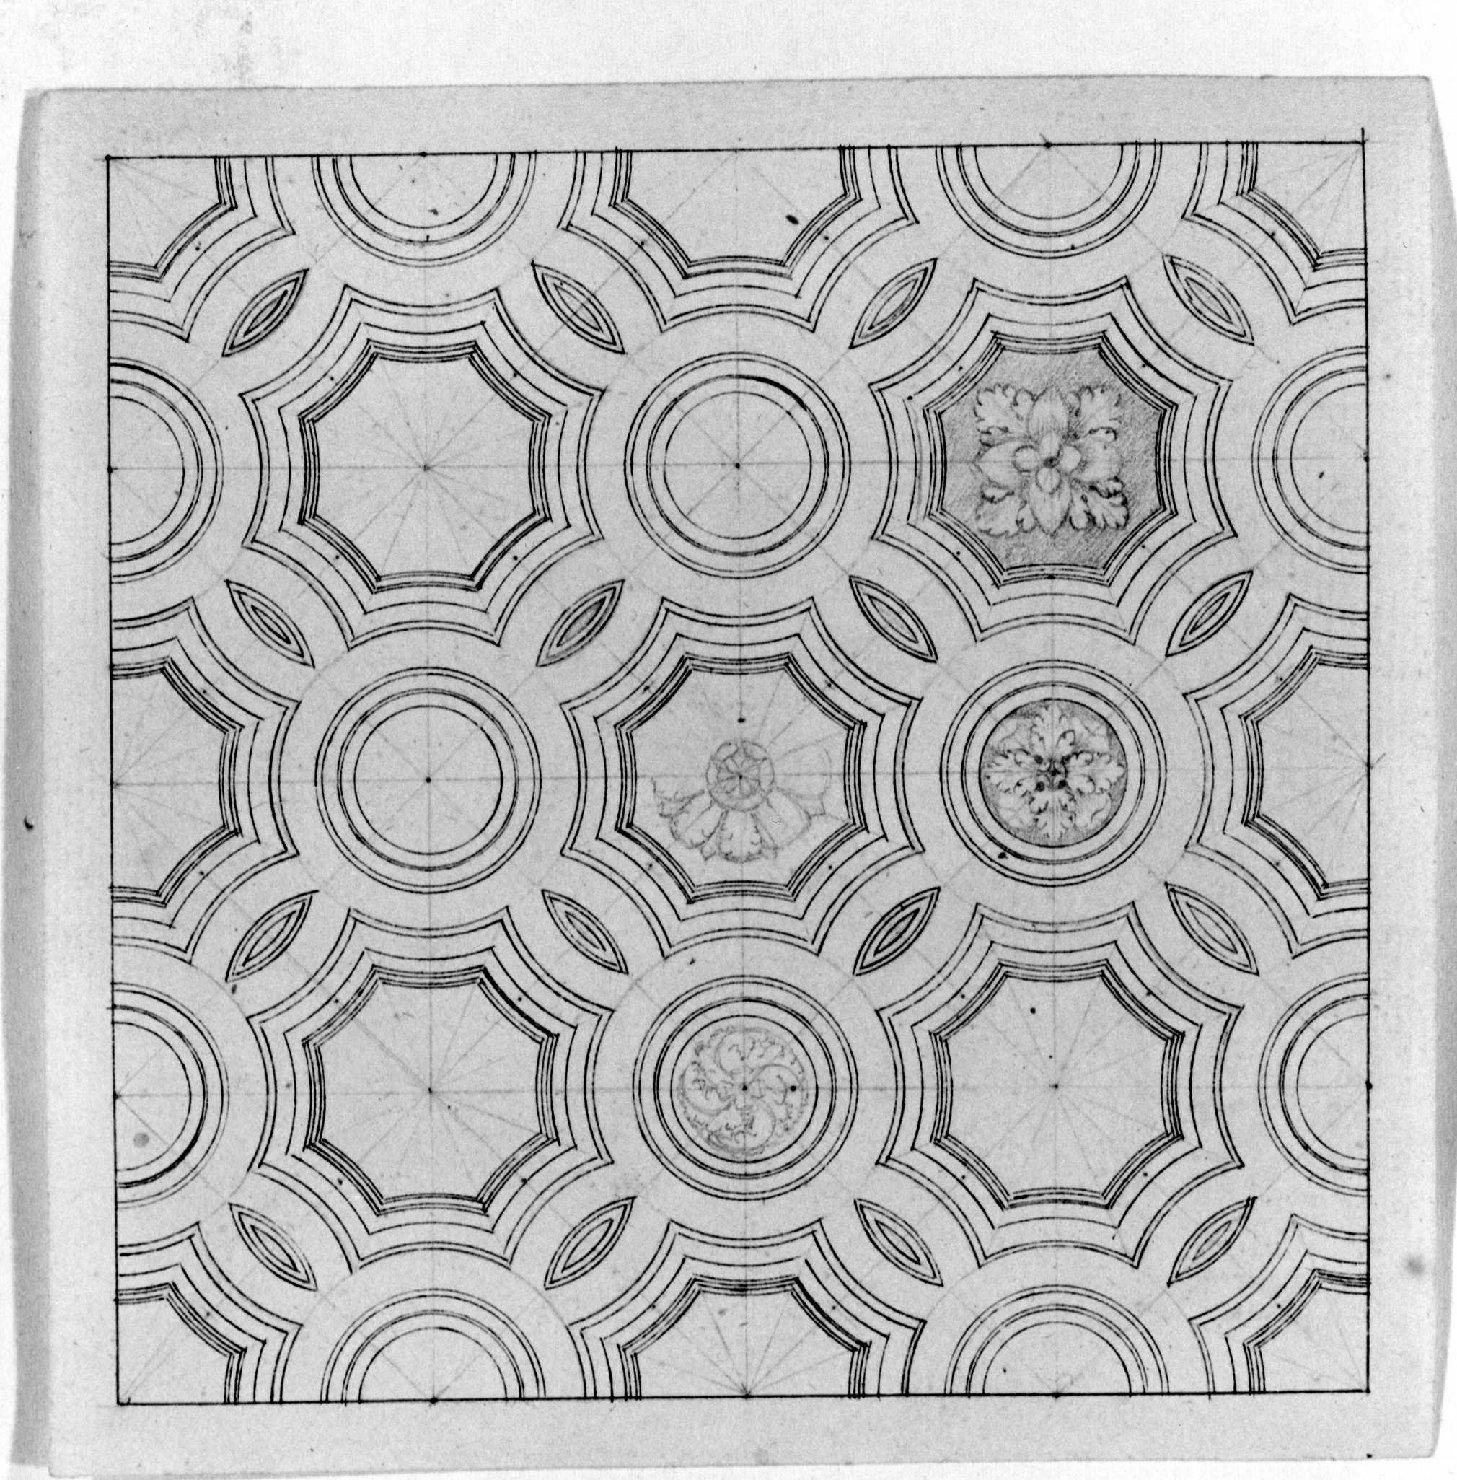 motivi decorativi (disegno) - ambito Italia settentrionale (seconda metà sec. XIX)